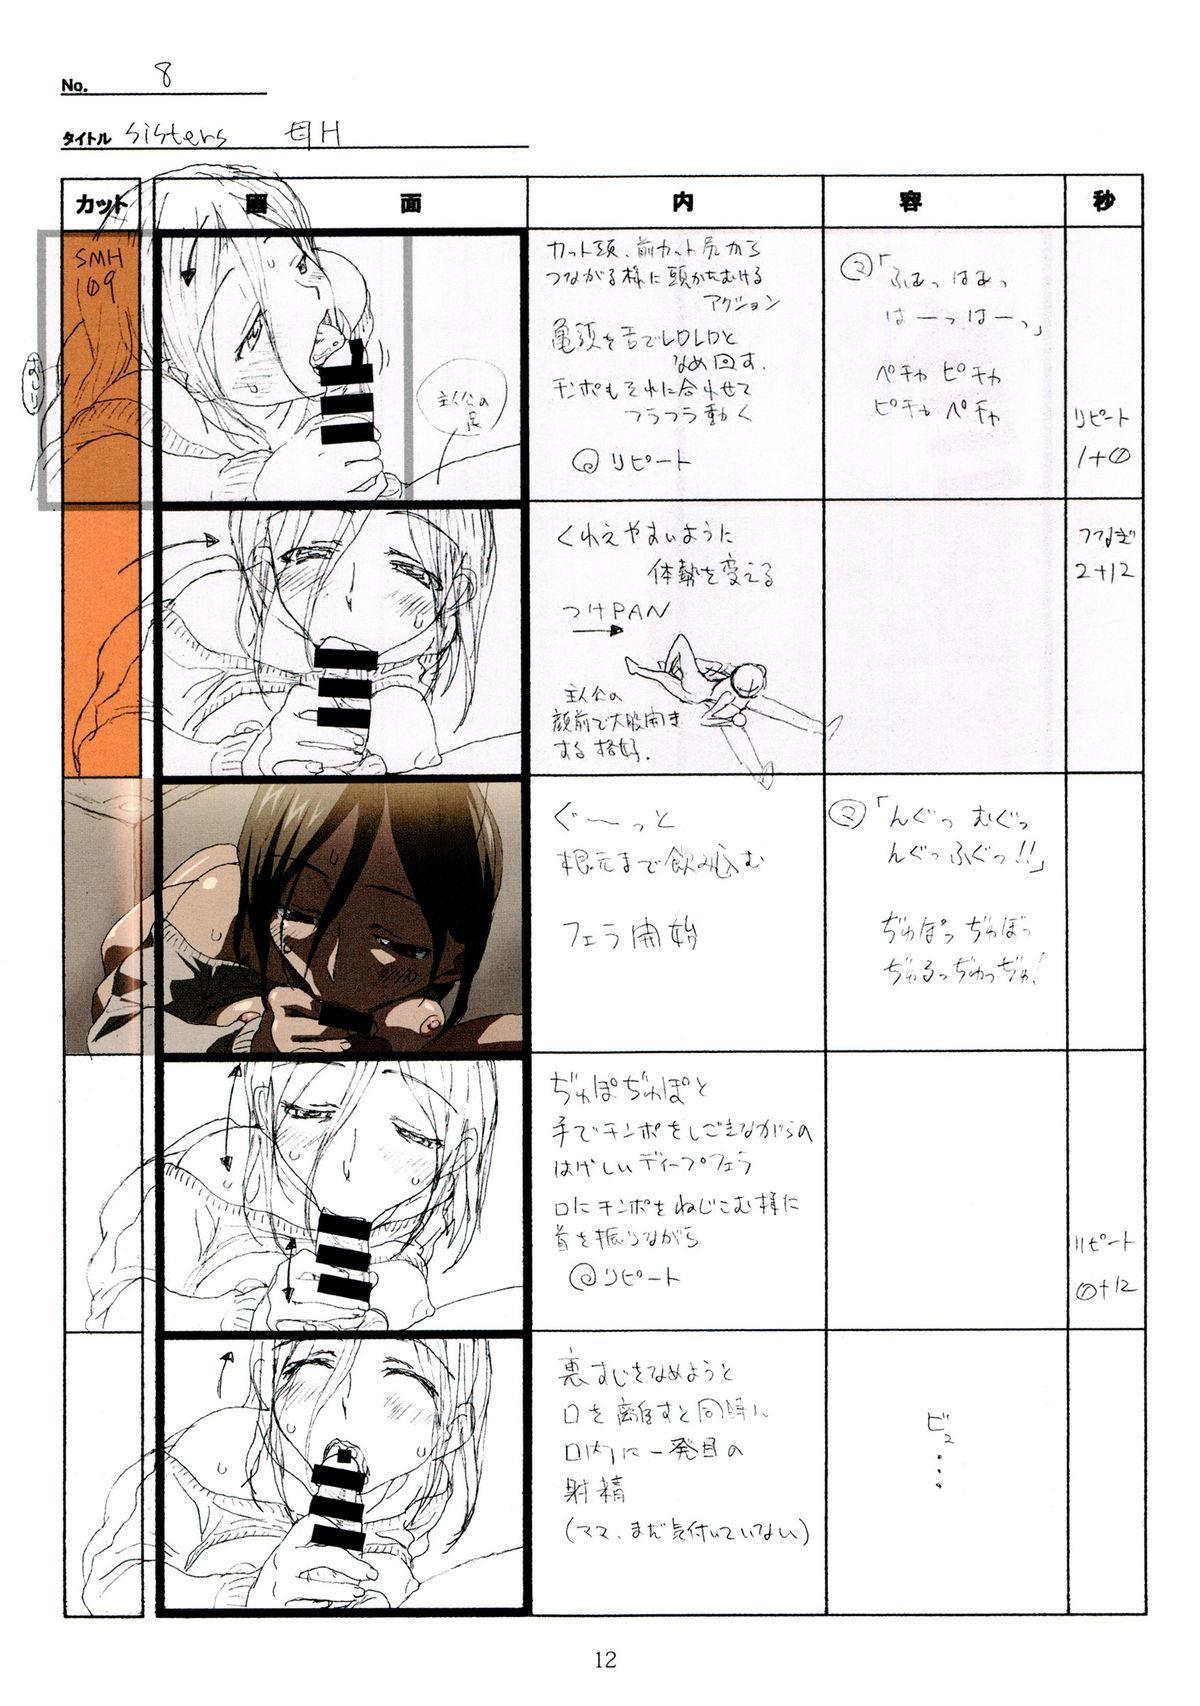 (C89) [Makino Jimusho (Taki Minashika)] SISTERS -Natsu no Saigo no Hi- H Scene All Part Storyboard (SISTERS -Natsu no Saigo no Hi-) 11